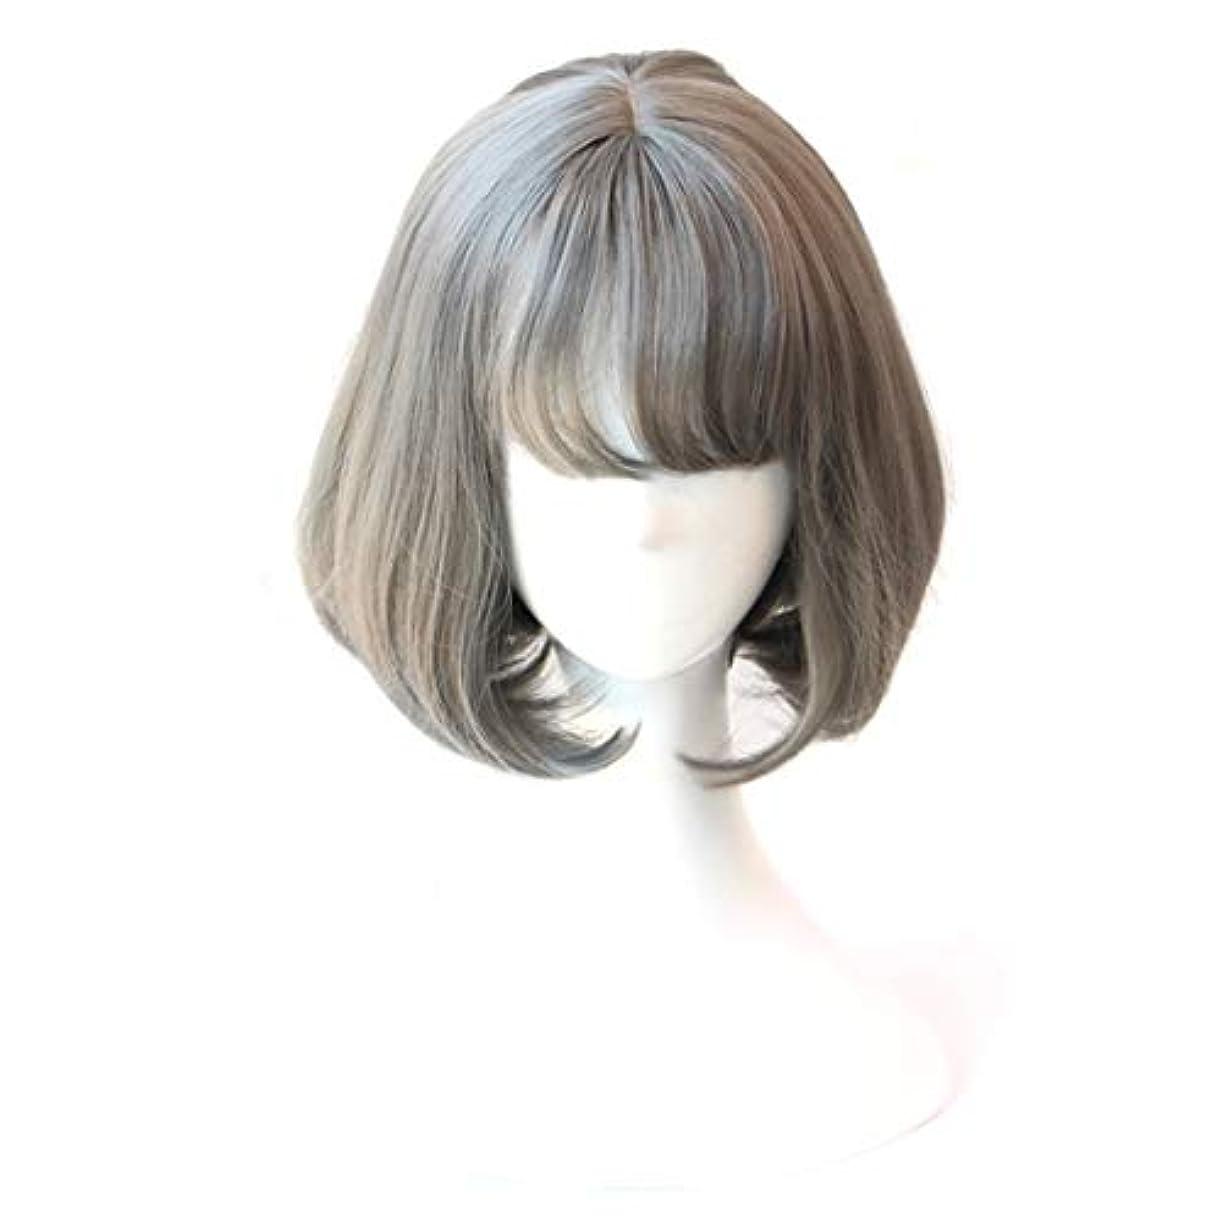 一貫性のないディスク抜本的なYOUQIU 女の子のかつら用ウィッグエア前髪ショートヘアウィッグBOB (色 : Grandma ash)